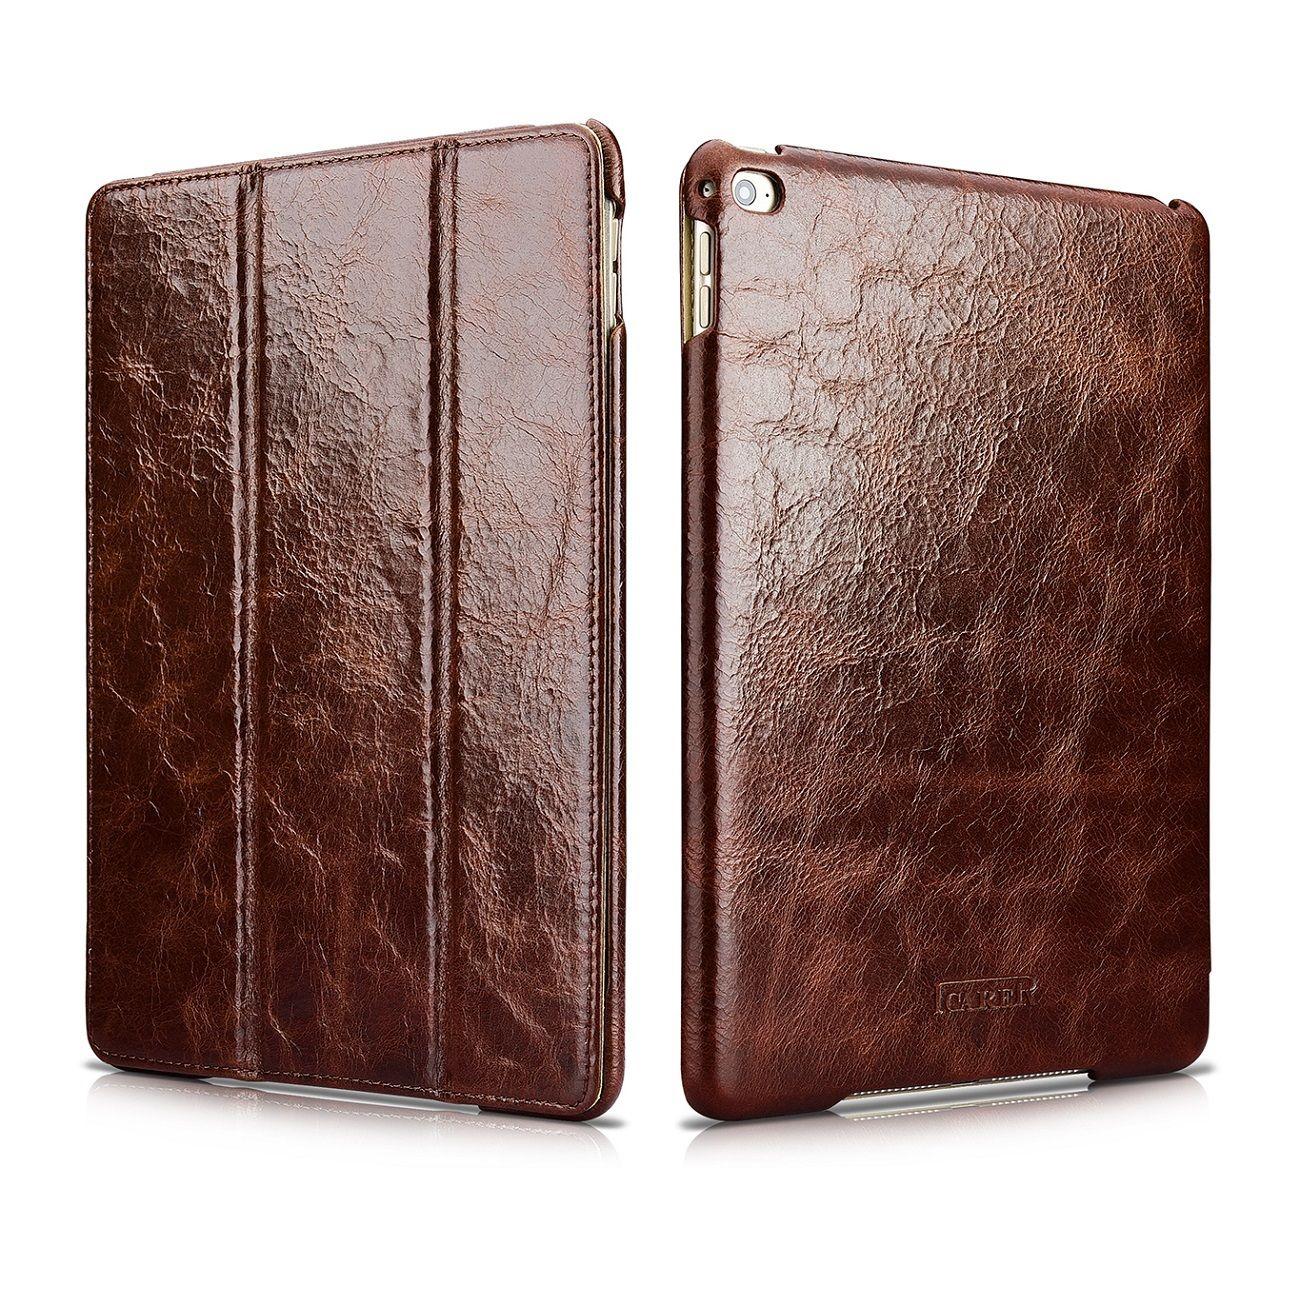 Icarer Vintage Series Tasche Fur Apple Ipad Pro 12 9 Braun Ipad Hulle Leder Ipad Tablet Hullen